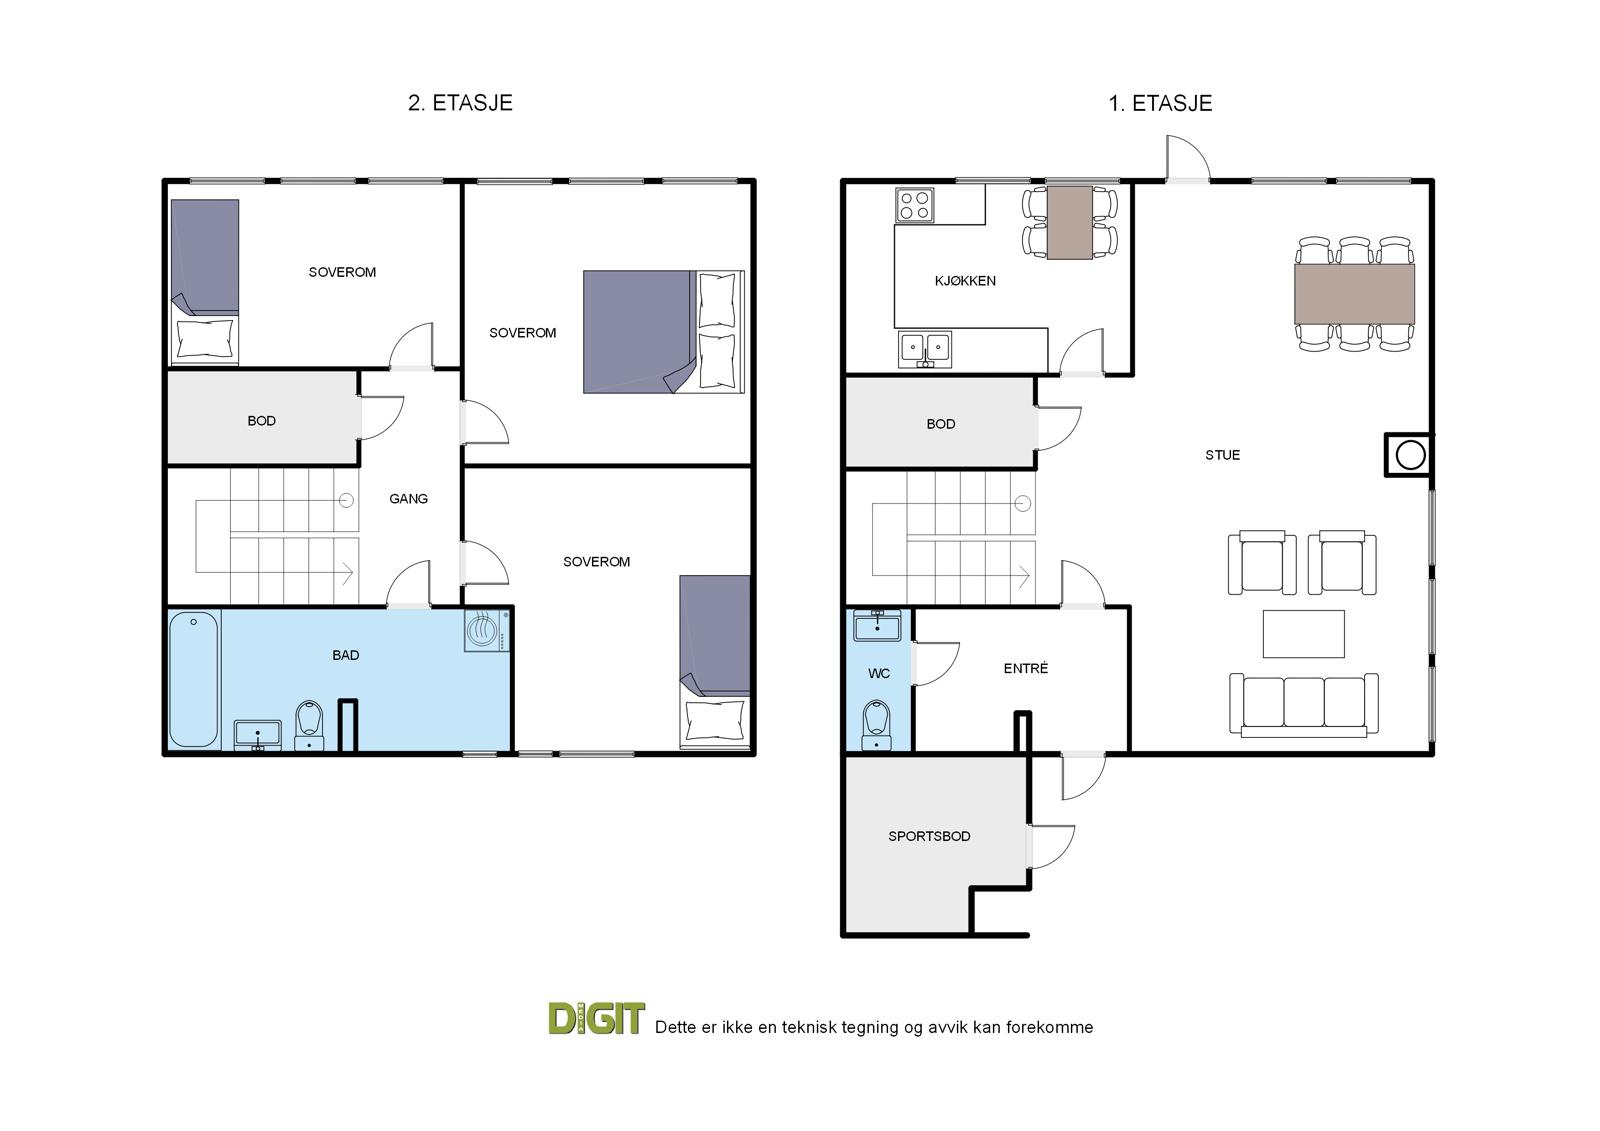 Planskisser begge etasjer